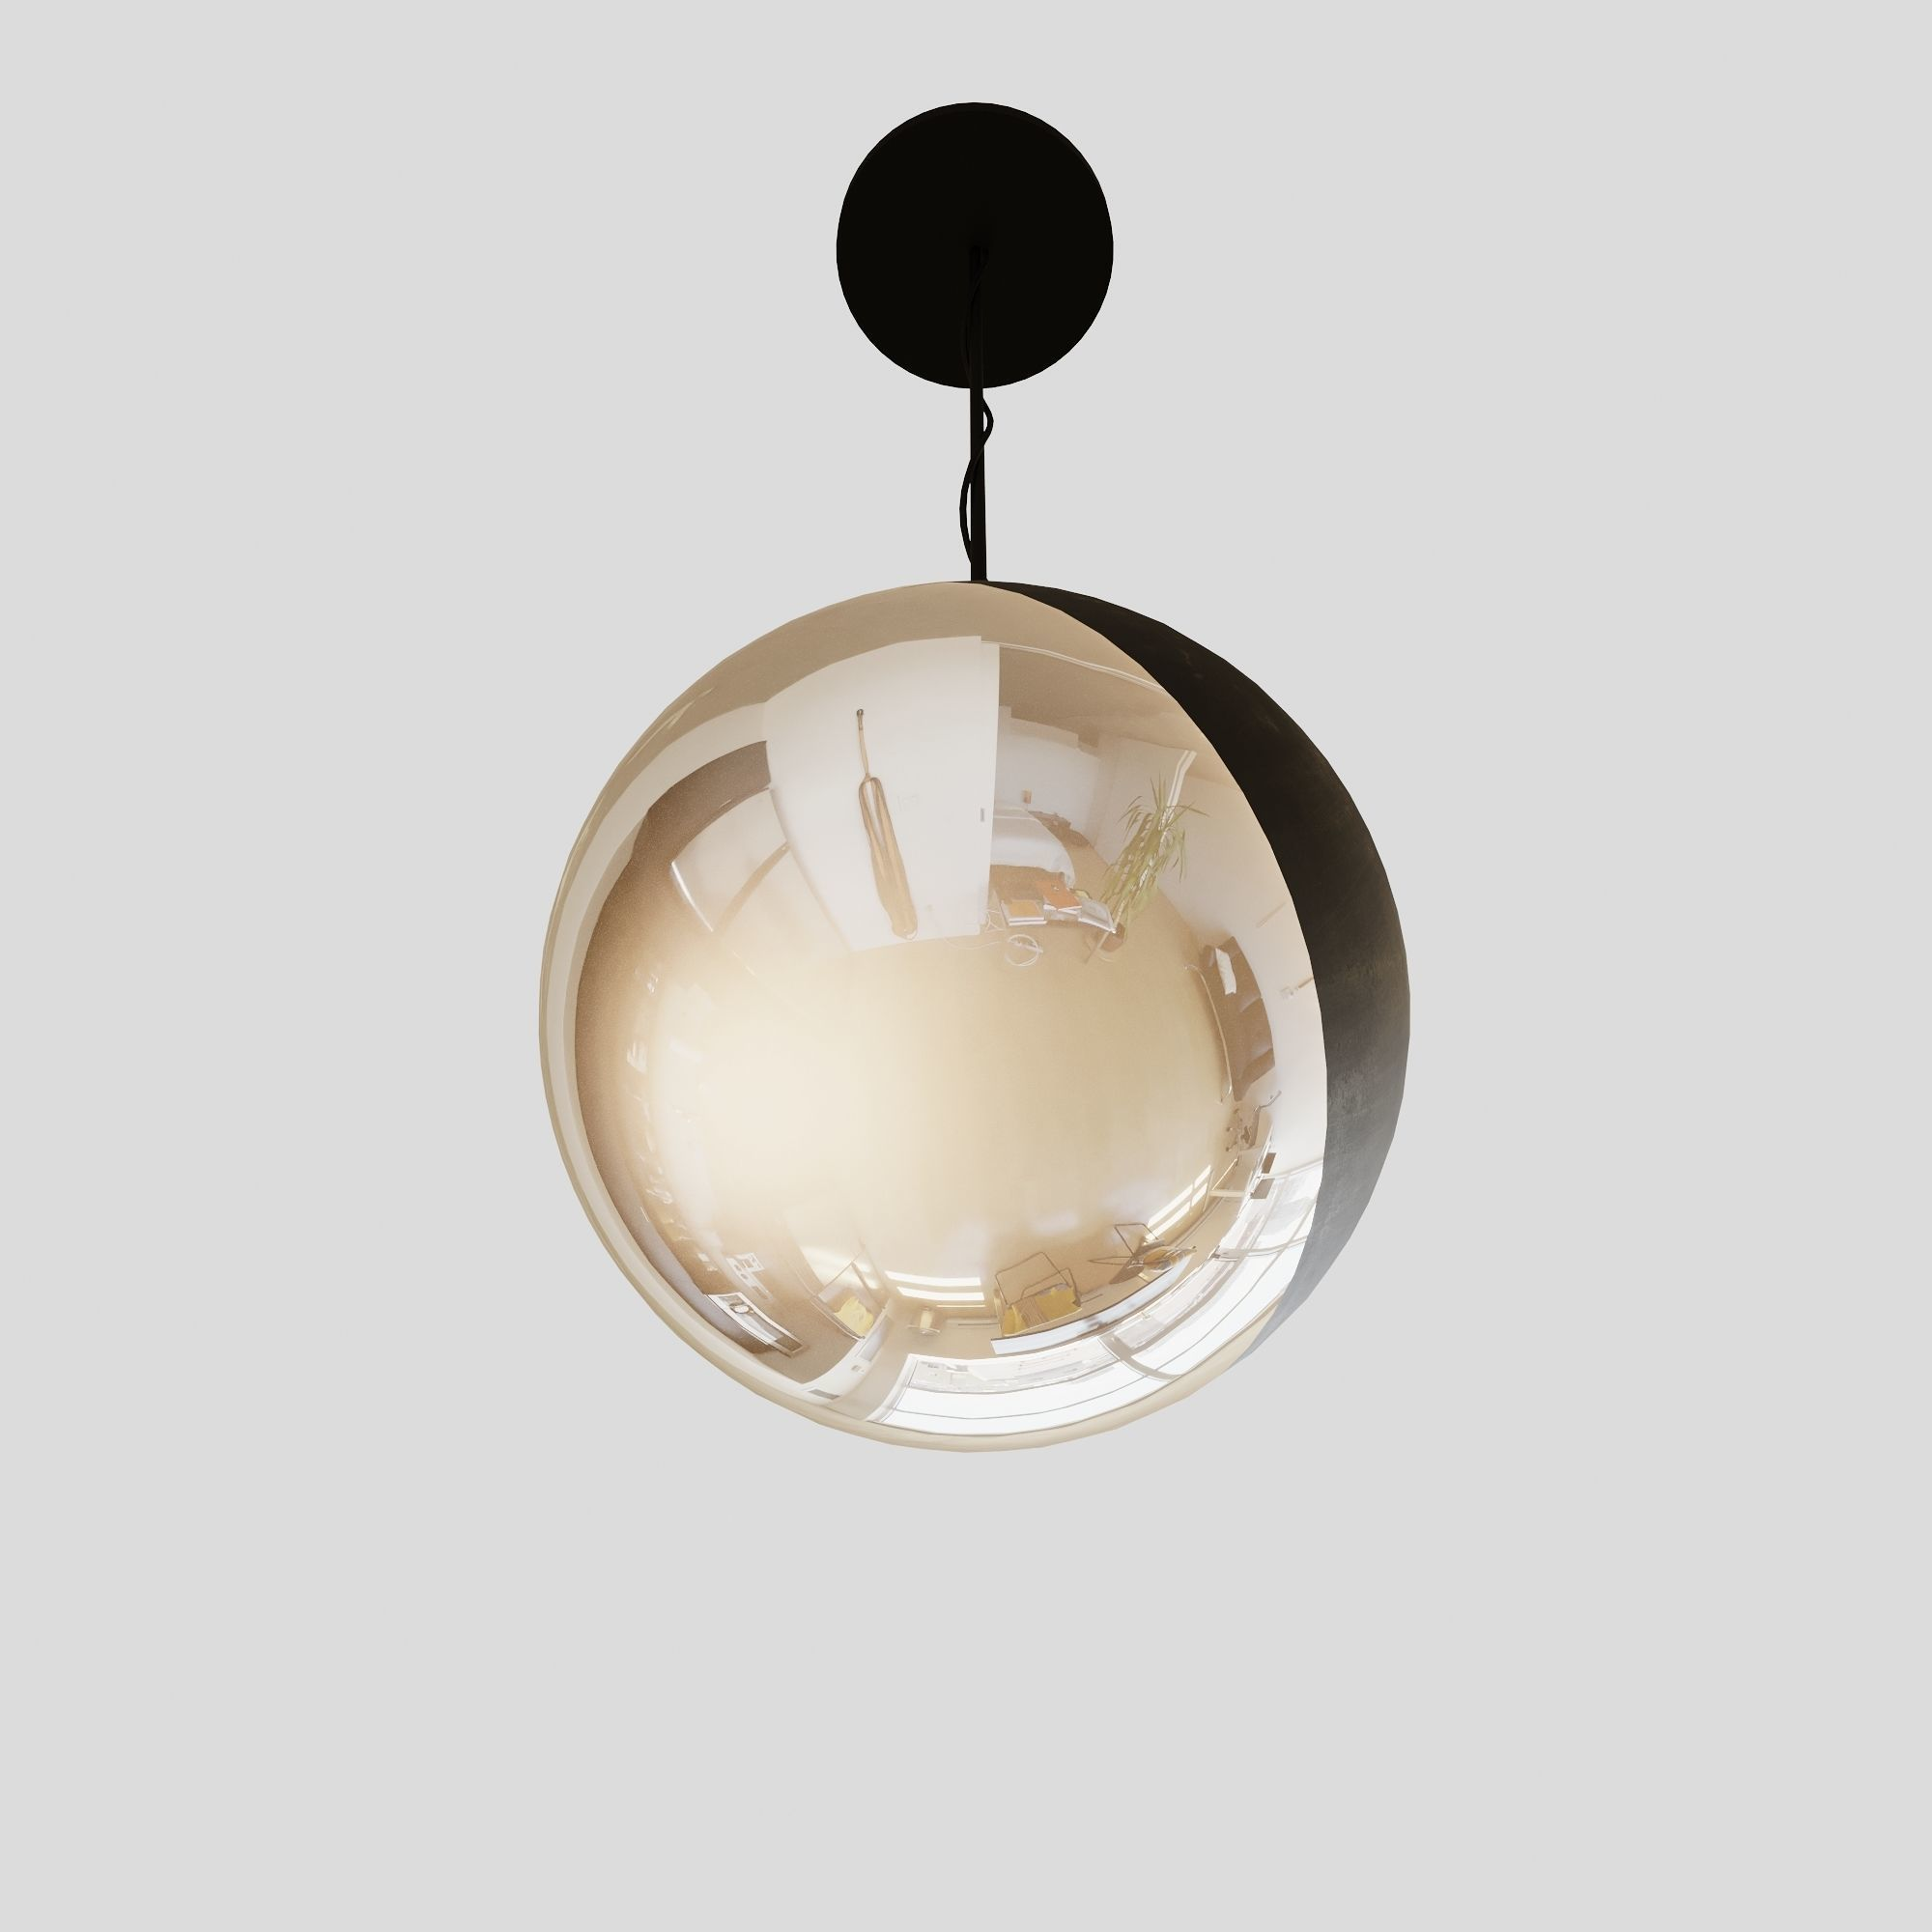 Ceiling Lamp 03 V-ray